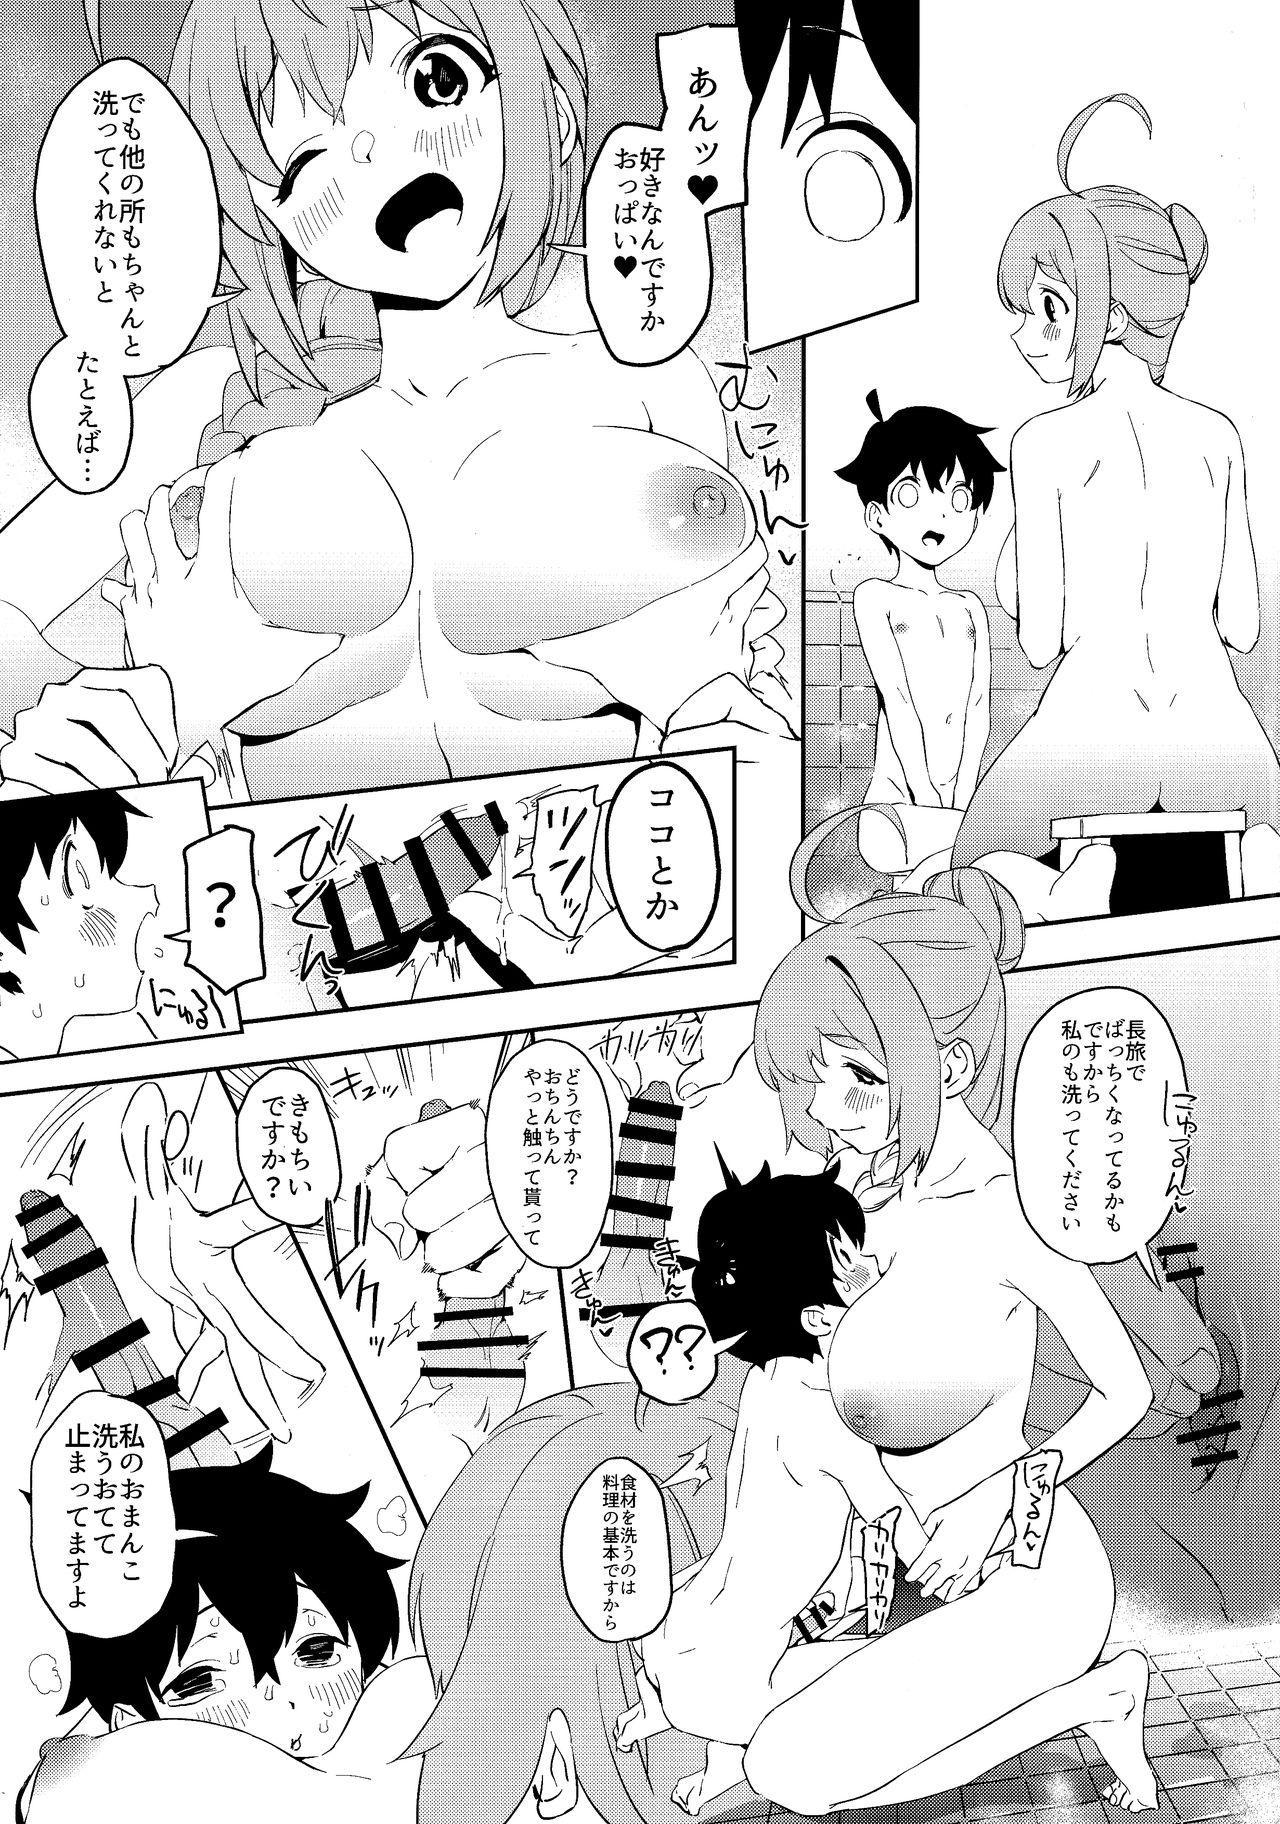 Pecorine to Shota Kishi-kun 9